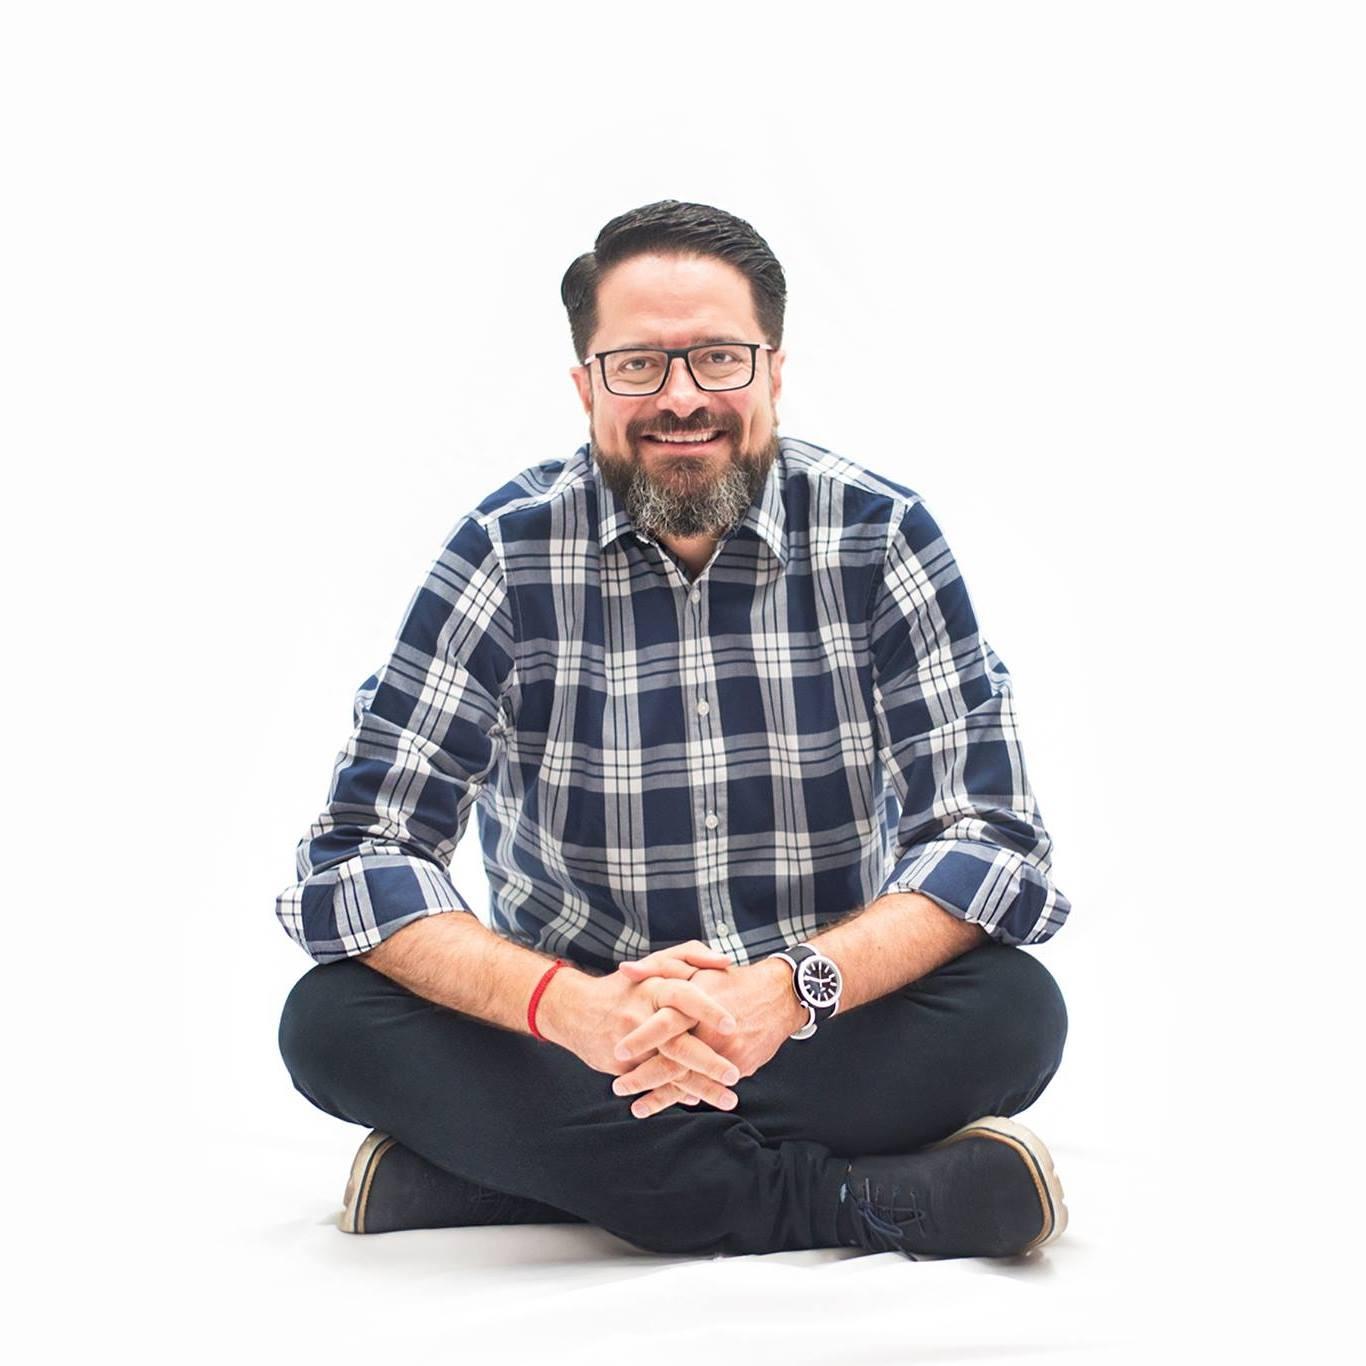 """EDUARDO KNAPP   Empresario, catedrático, conferencista y escritor. Se dedica a través de su proyecto de vida """"AVENTURA EMPRENDER"""" a ayudar a las personas a descubrir y desarrollar su pasión para ser emprendedores."""